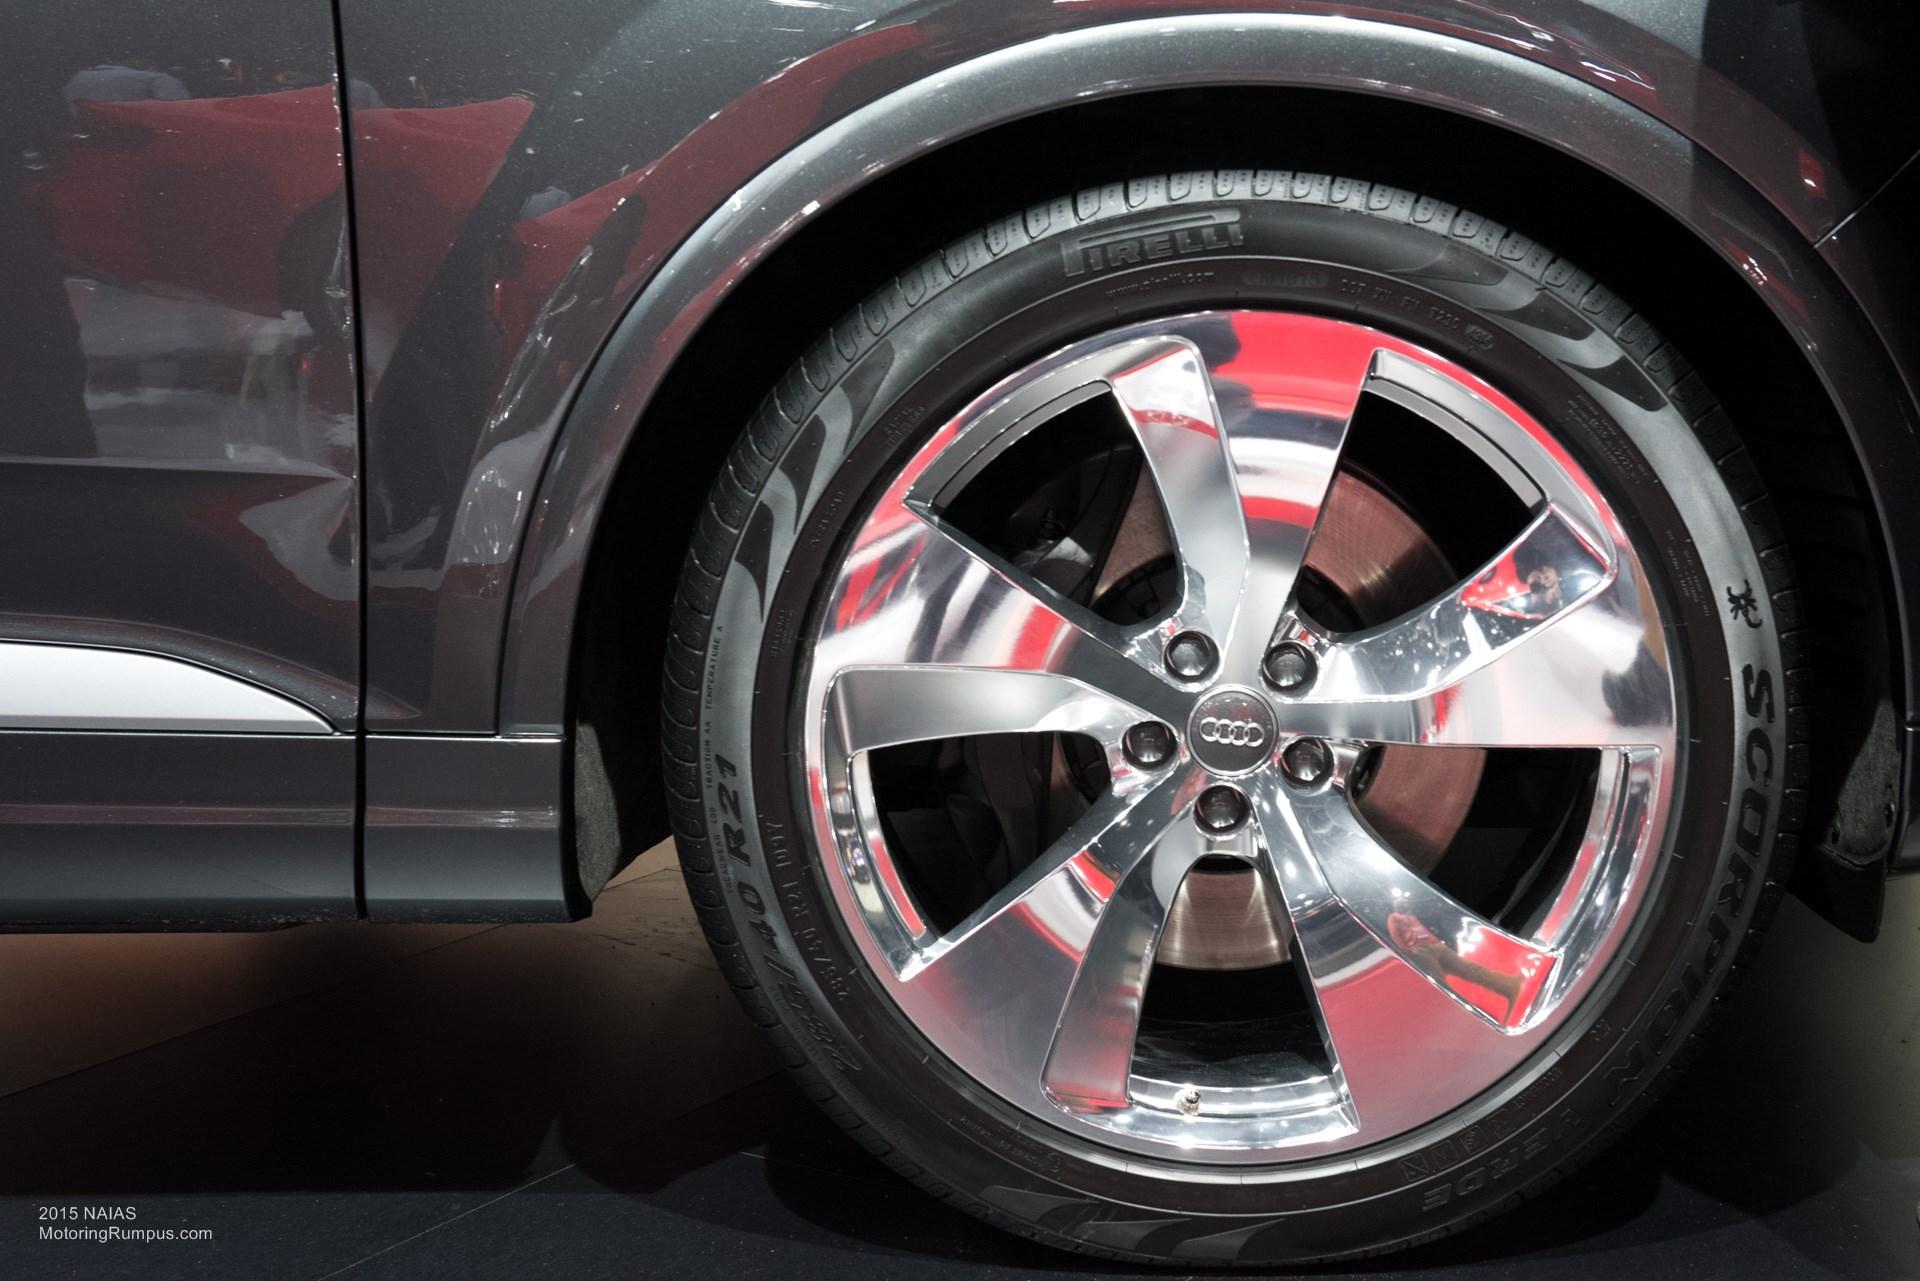 2015 NAIAS Audi Q7 Wheels